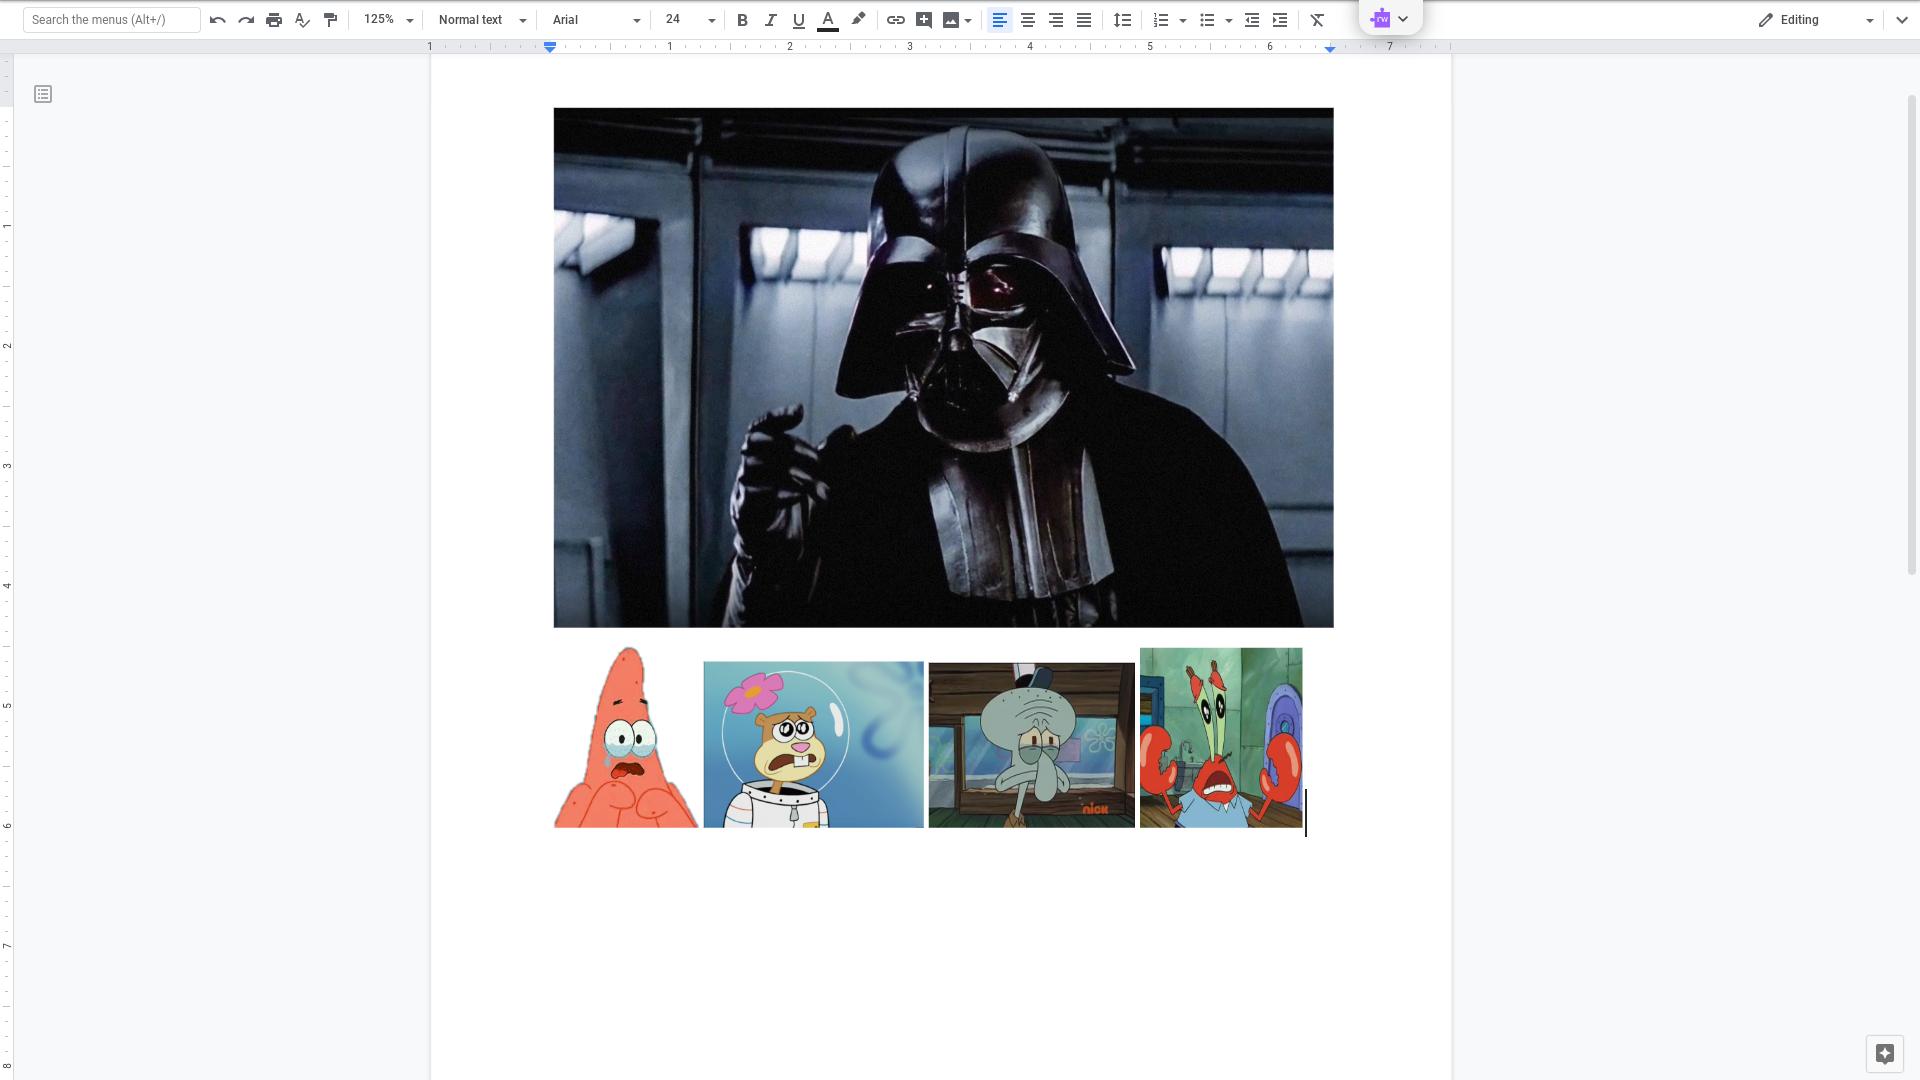 Darth Vader Angry at Patrick, Squidward Sandy and Mr. Krabs